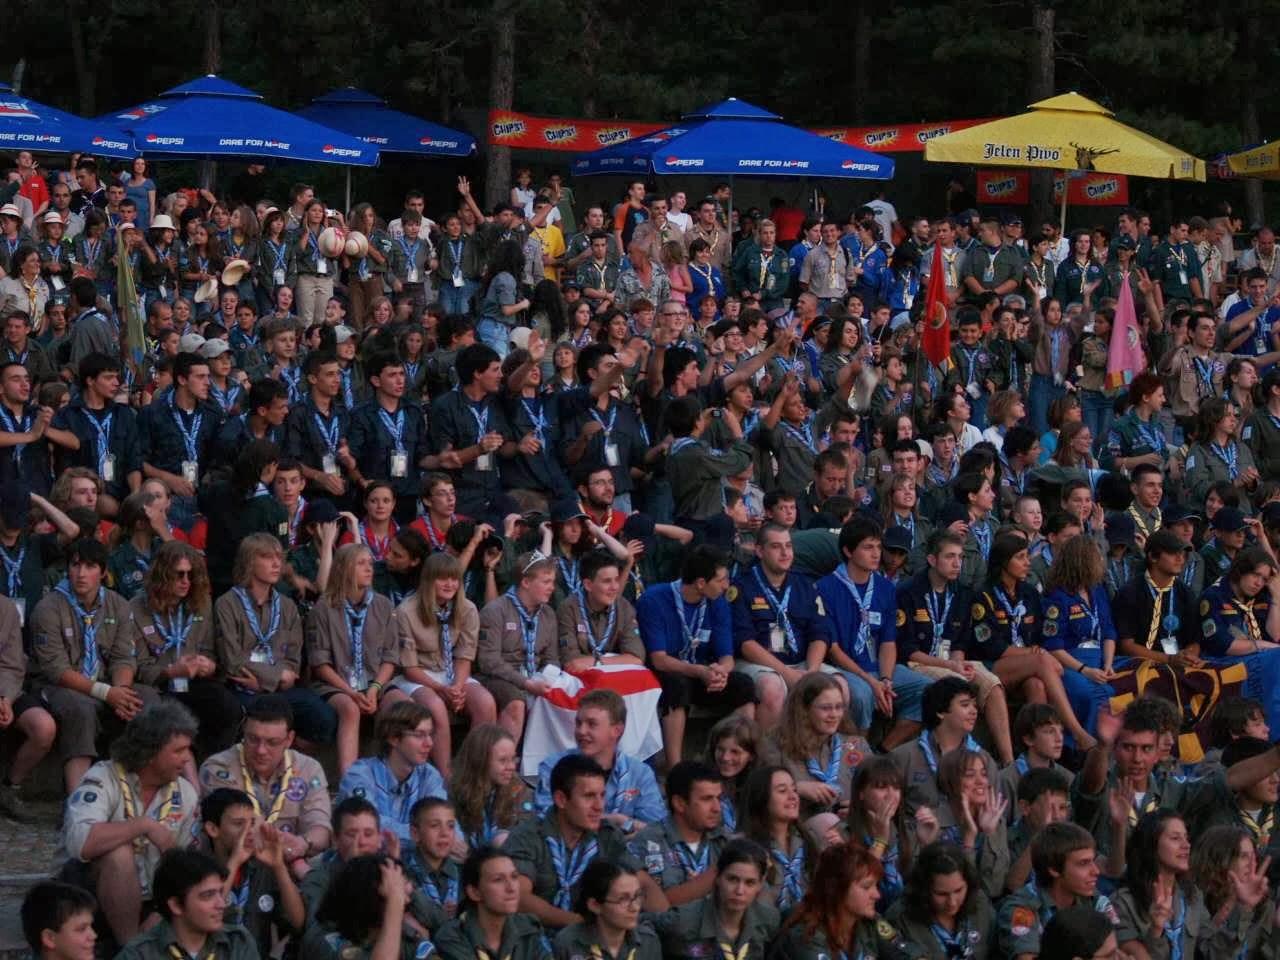 Smotra, Smotra 2006 - P0220842.JPG